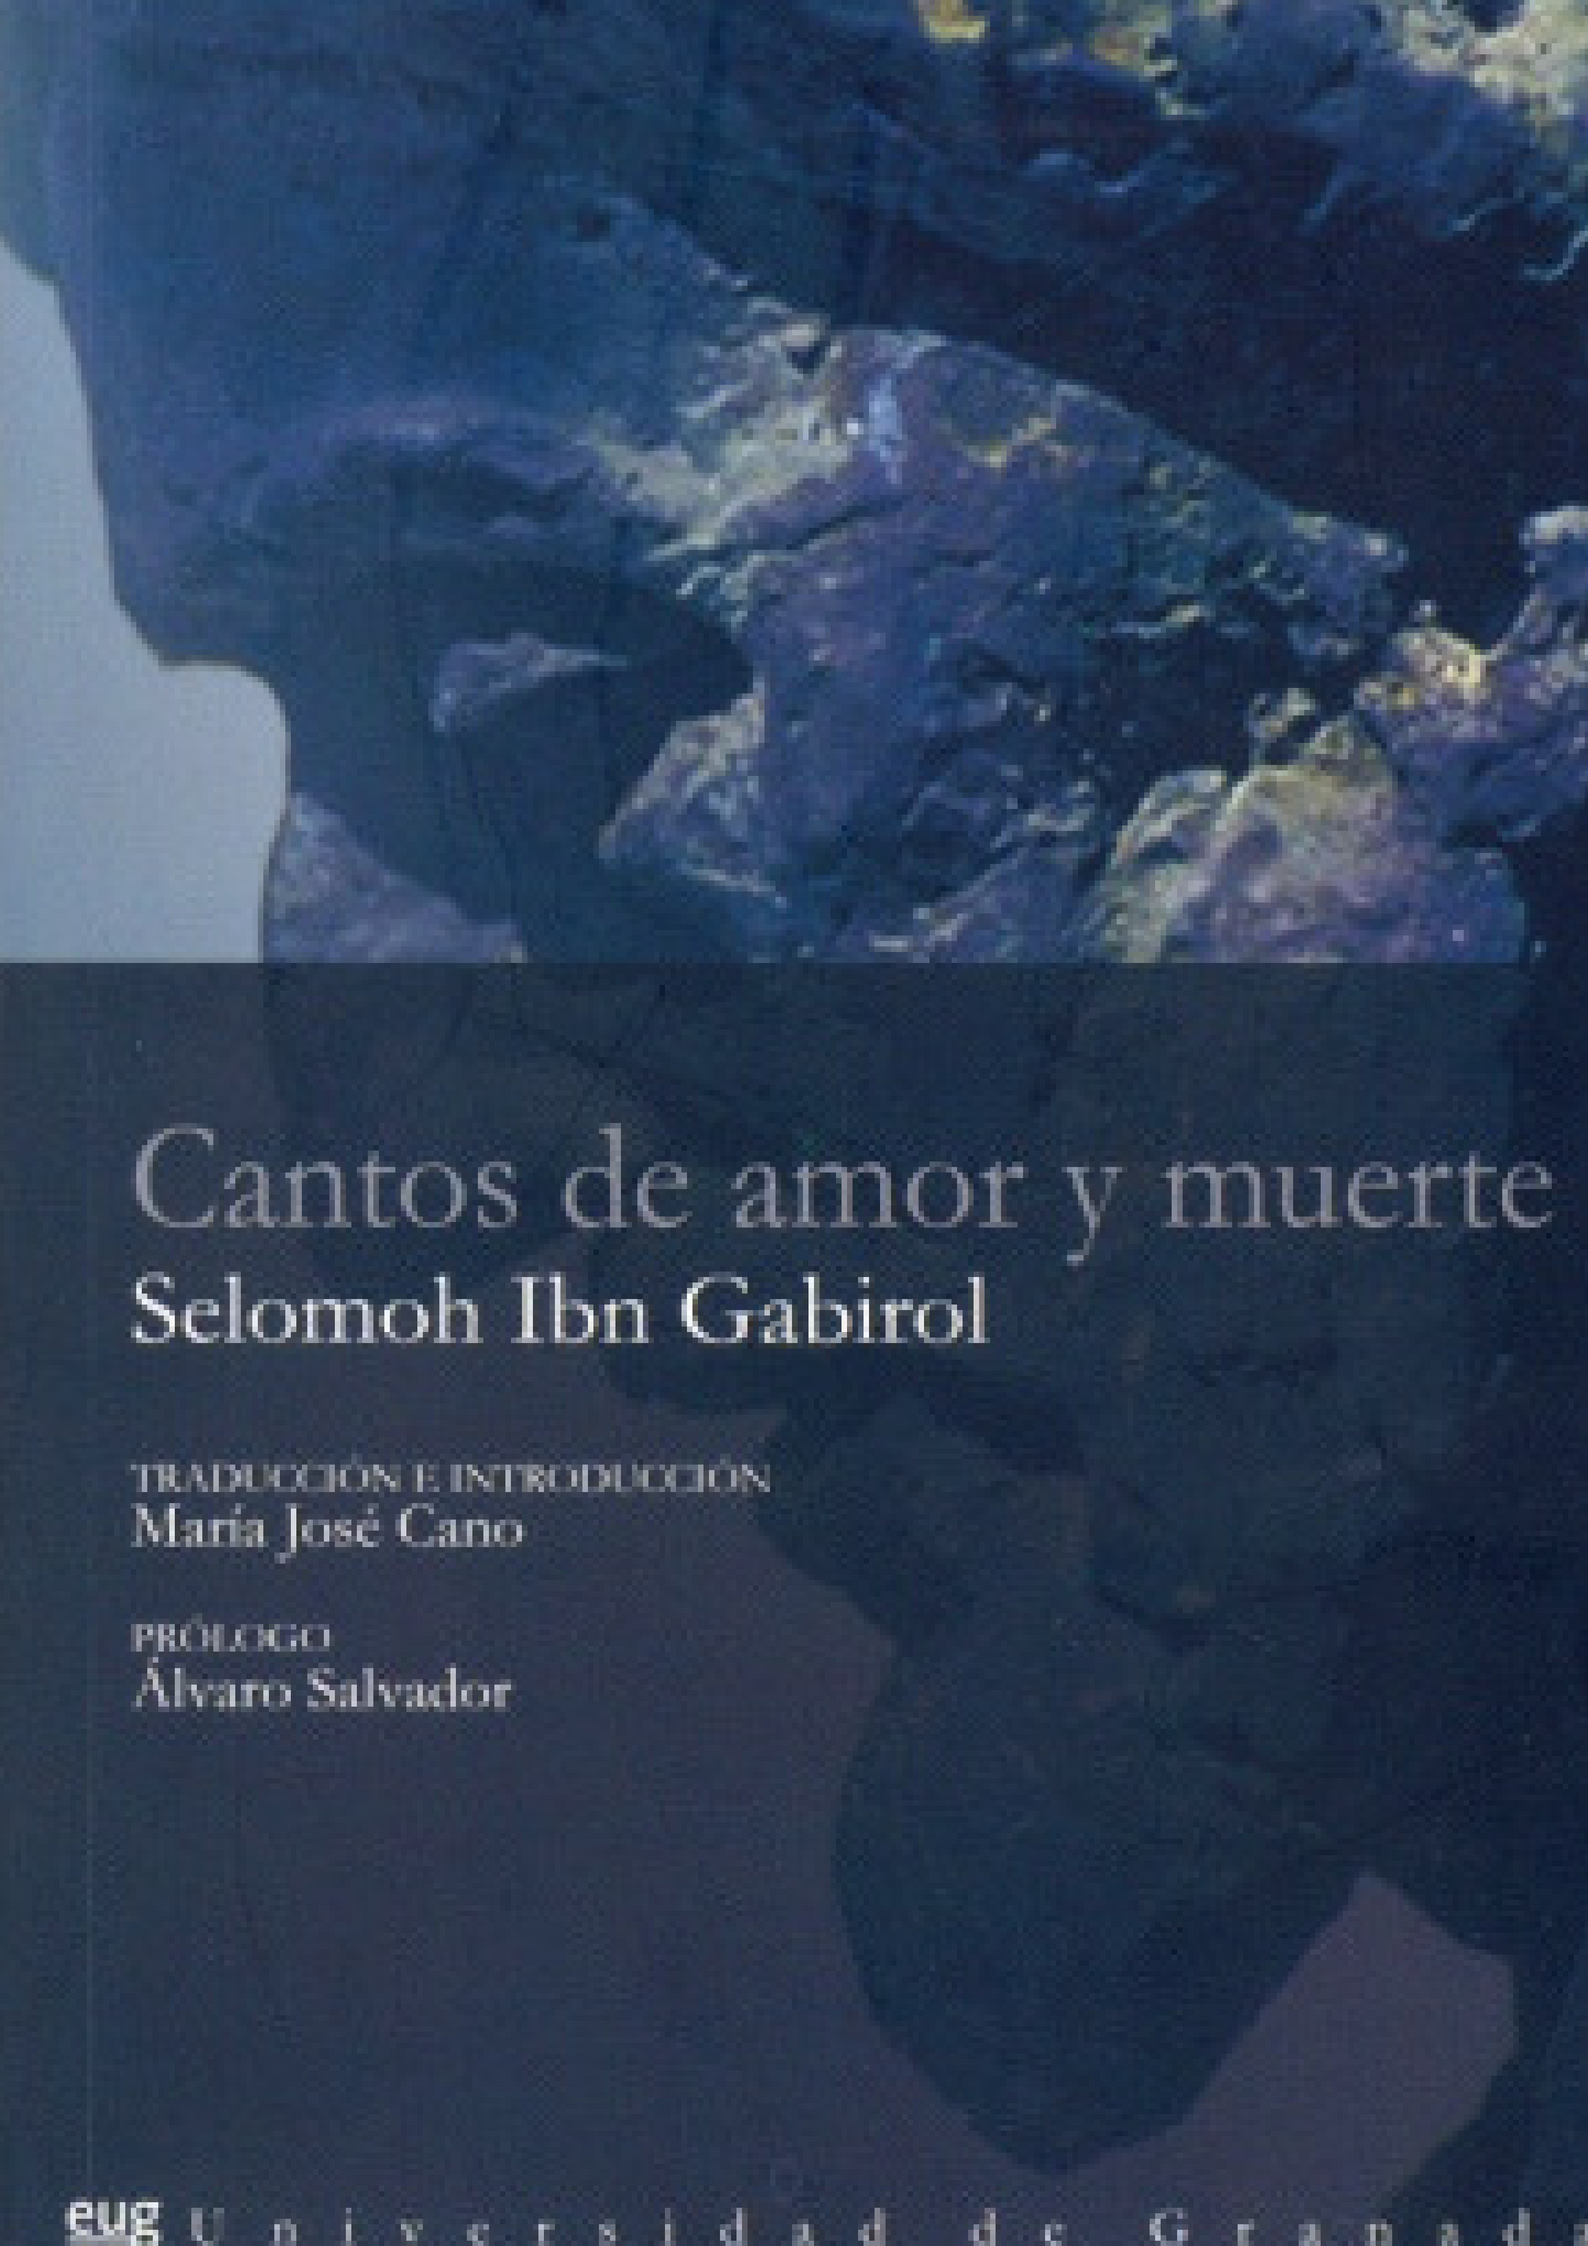 Cantos de amor y muerte. Selomoh Ibn Gabirol